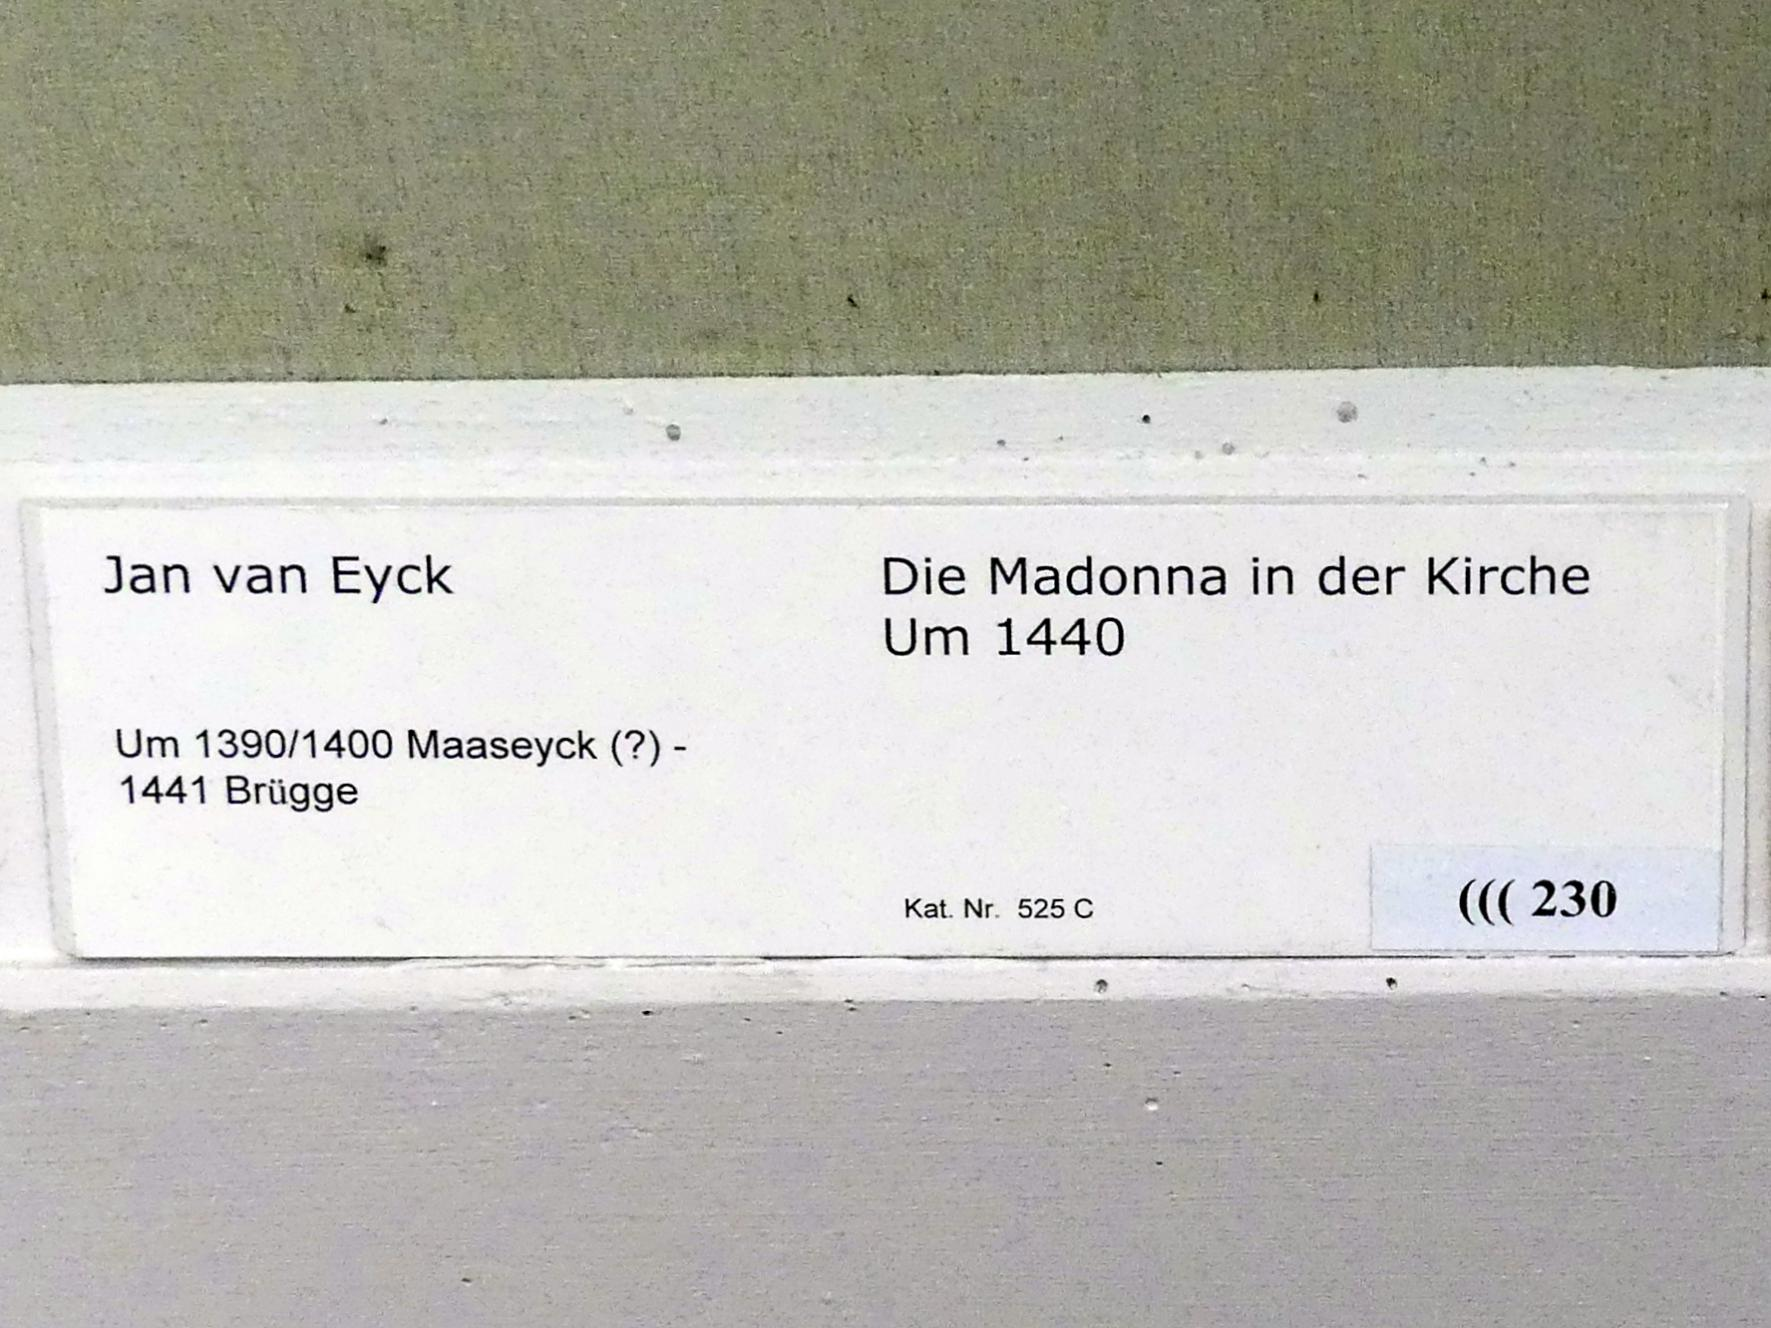 Jan van Eyck: Die Madonna in der Kirche, um 1440, Bild 2/2